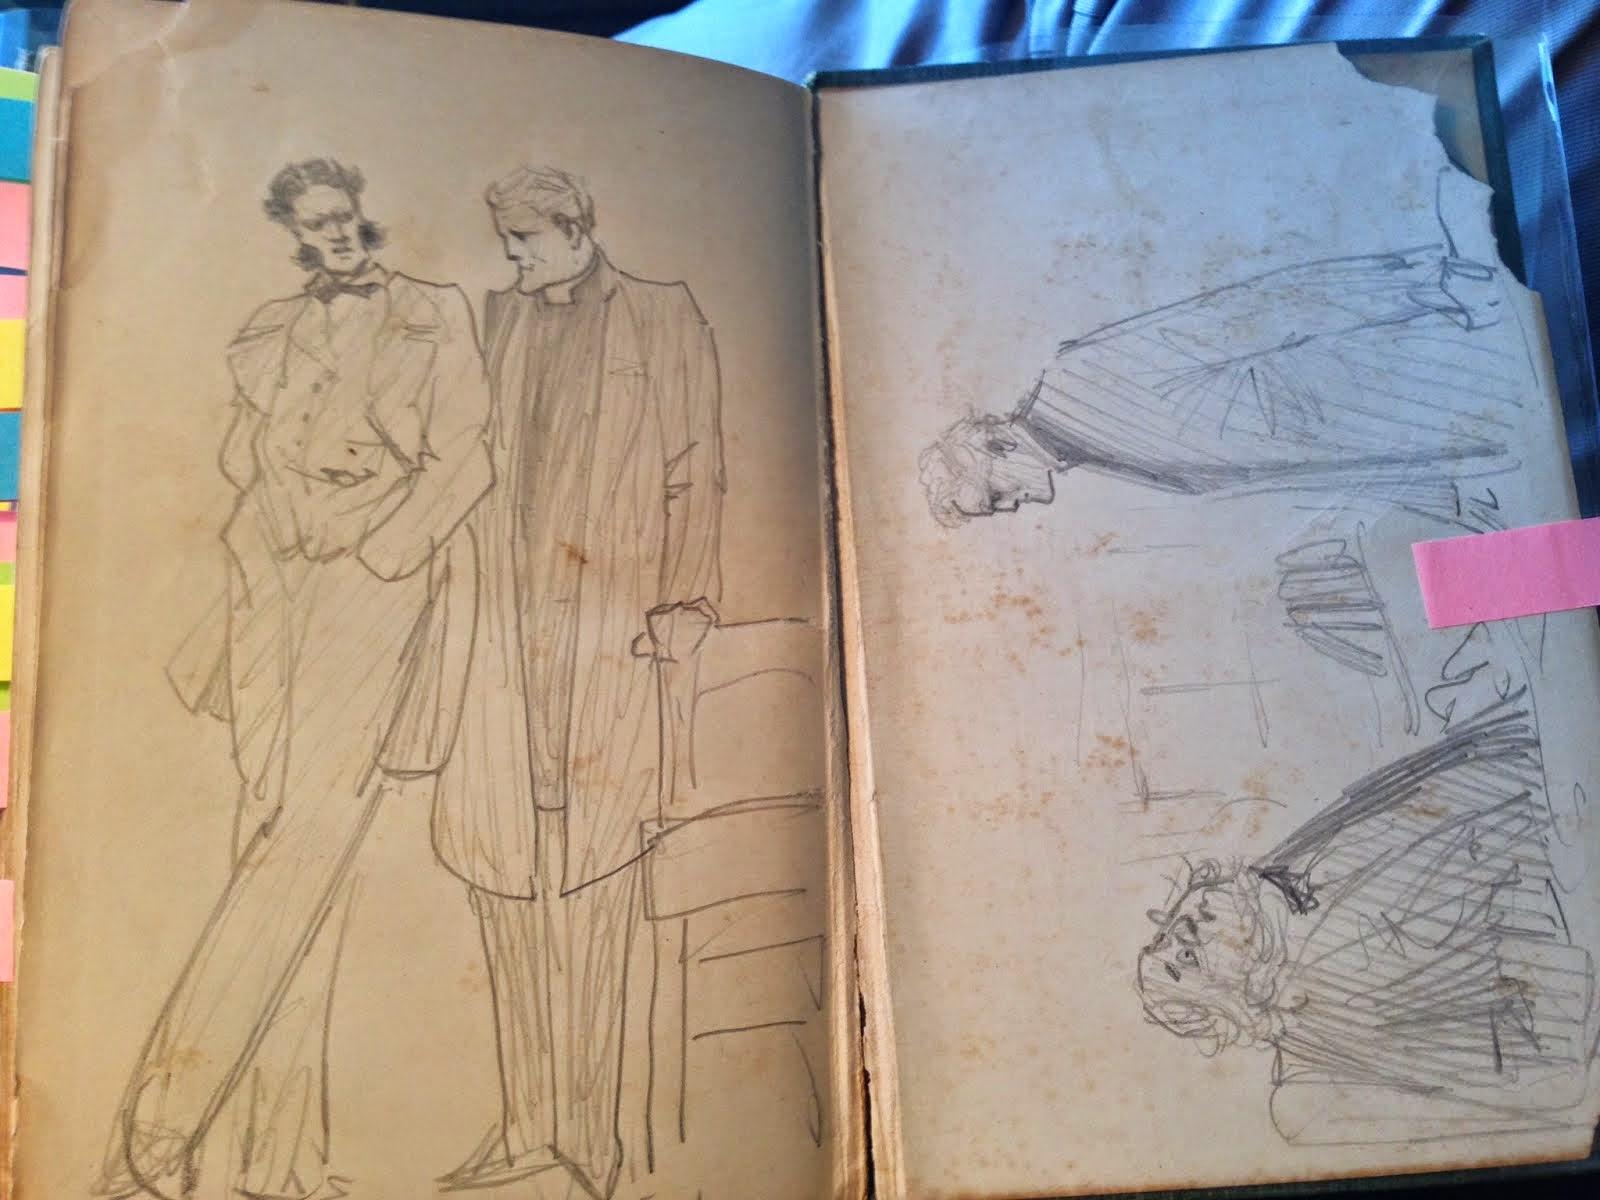 G k chesterton il blog dell 39 uomo vivo disegni da un - Libro da colorare uomo ragno libro ...